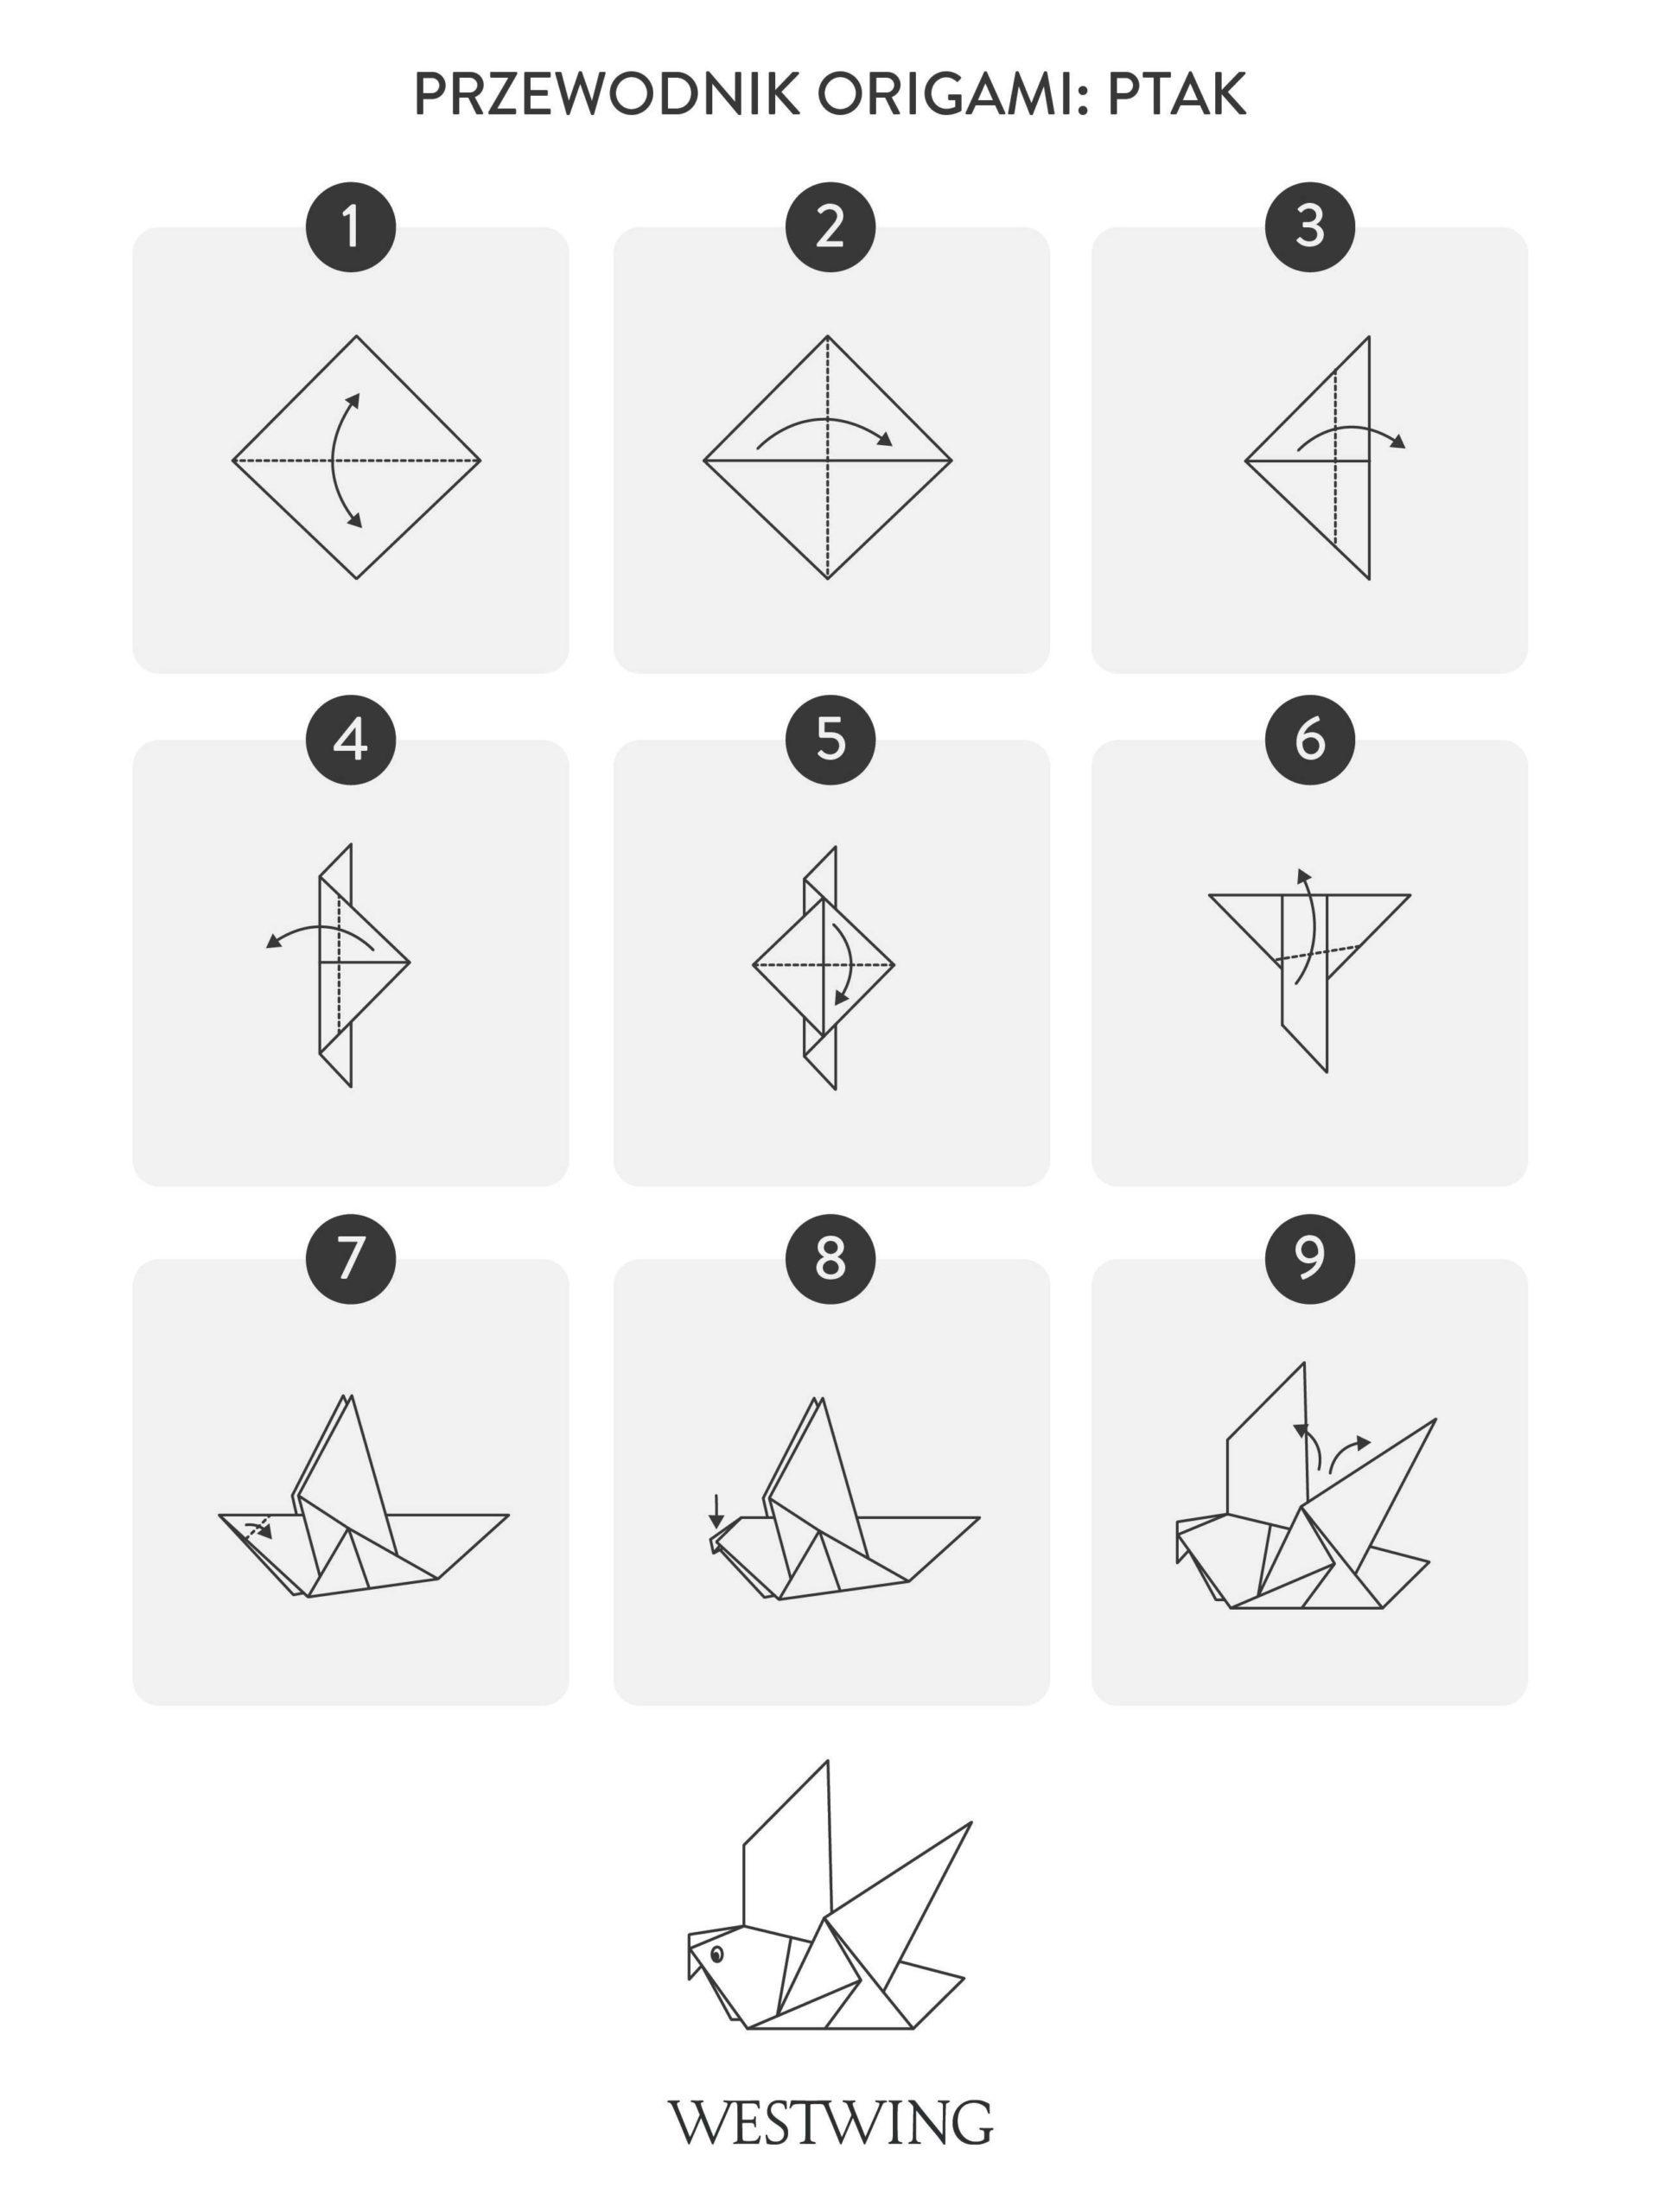 jak zrobić origami ptaka krok po kroku